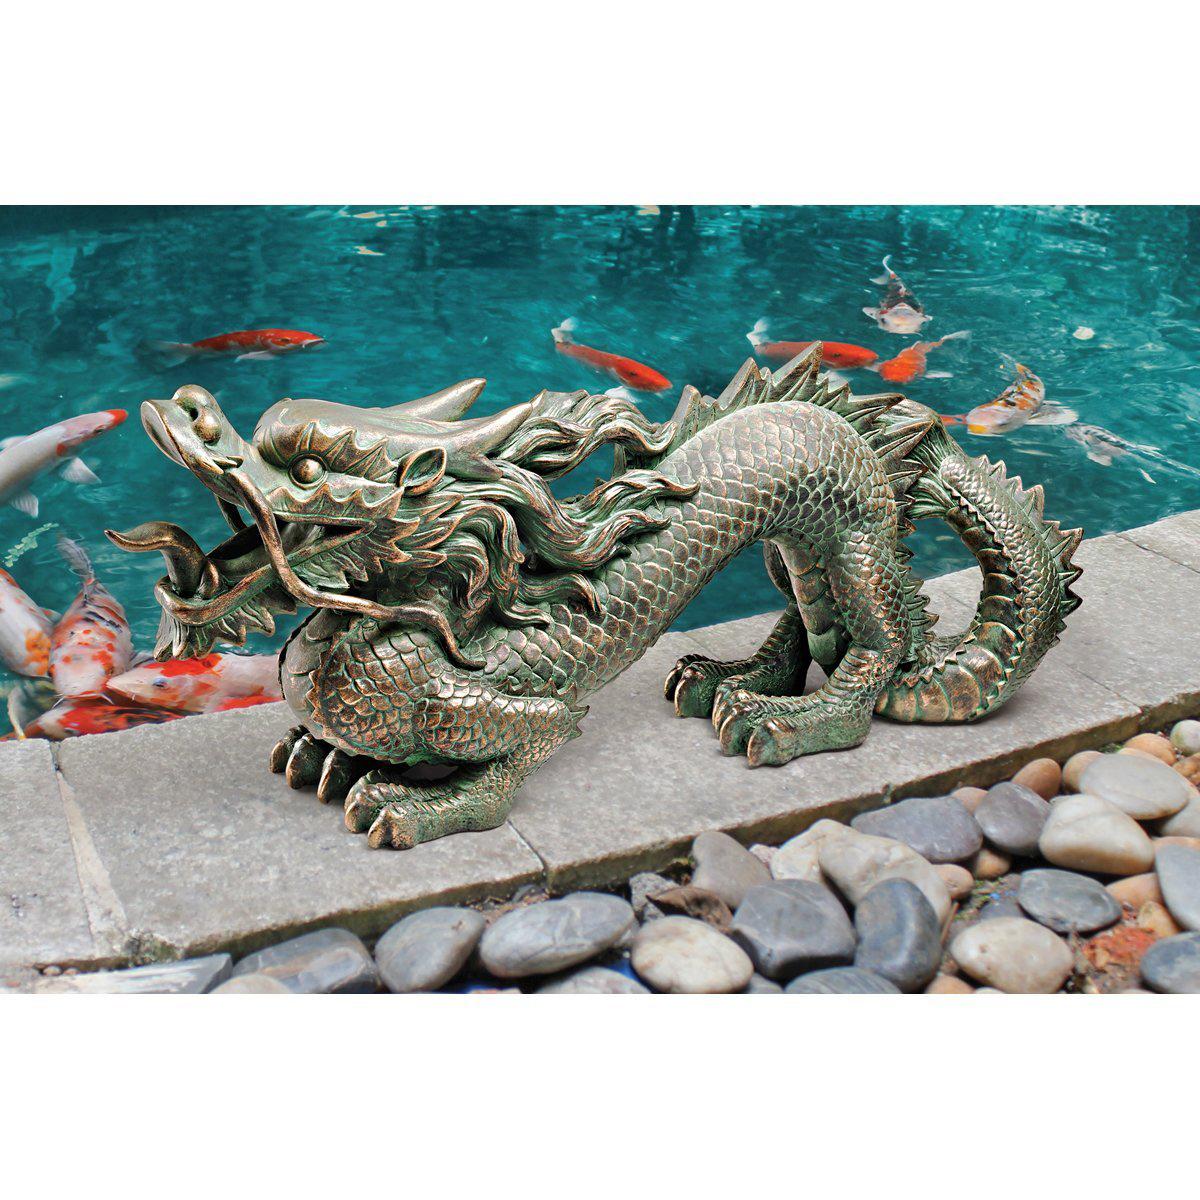 万里の長城のアジアン・ドラゴン 中国 龍 置物 彫像 彫刻/ ガーデニング 和風庭園 園芸 作庭 広場 エントランス プレゼント贈り物(輸入品